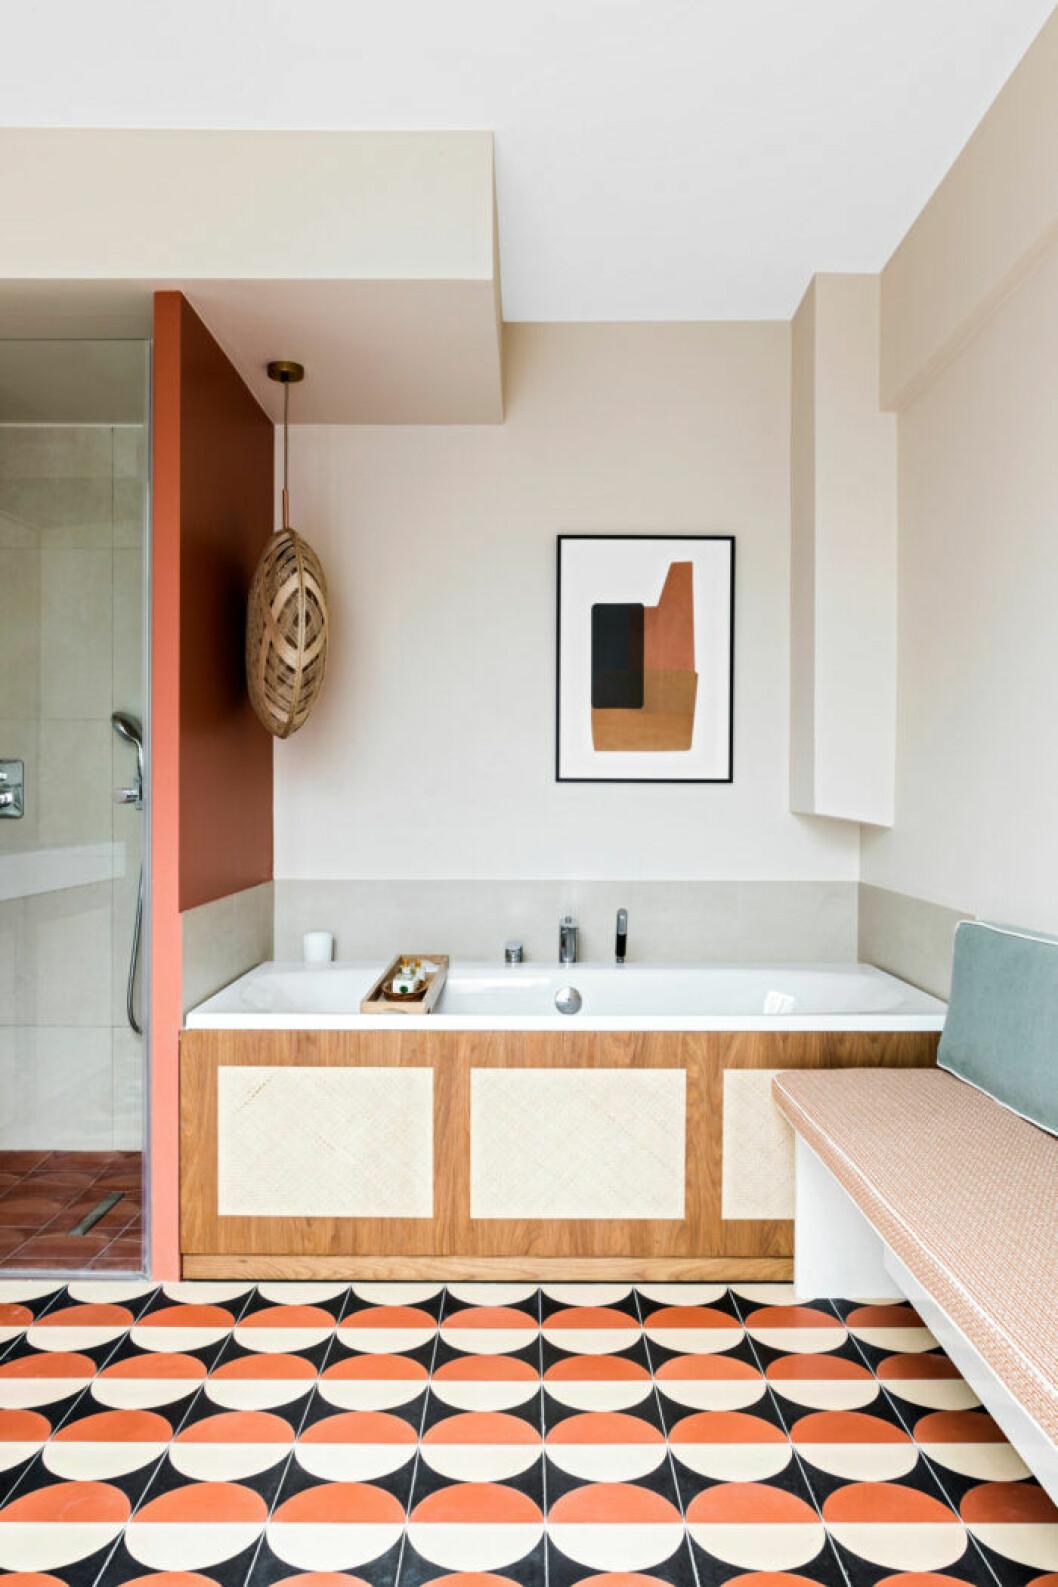 Badrum med golvplattor i geometriskt mönster som för tankarna till 60–talet